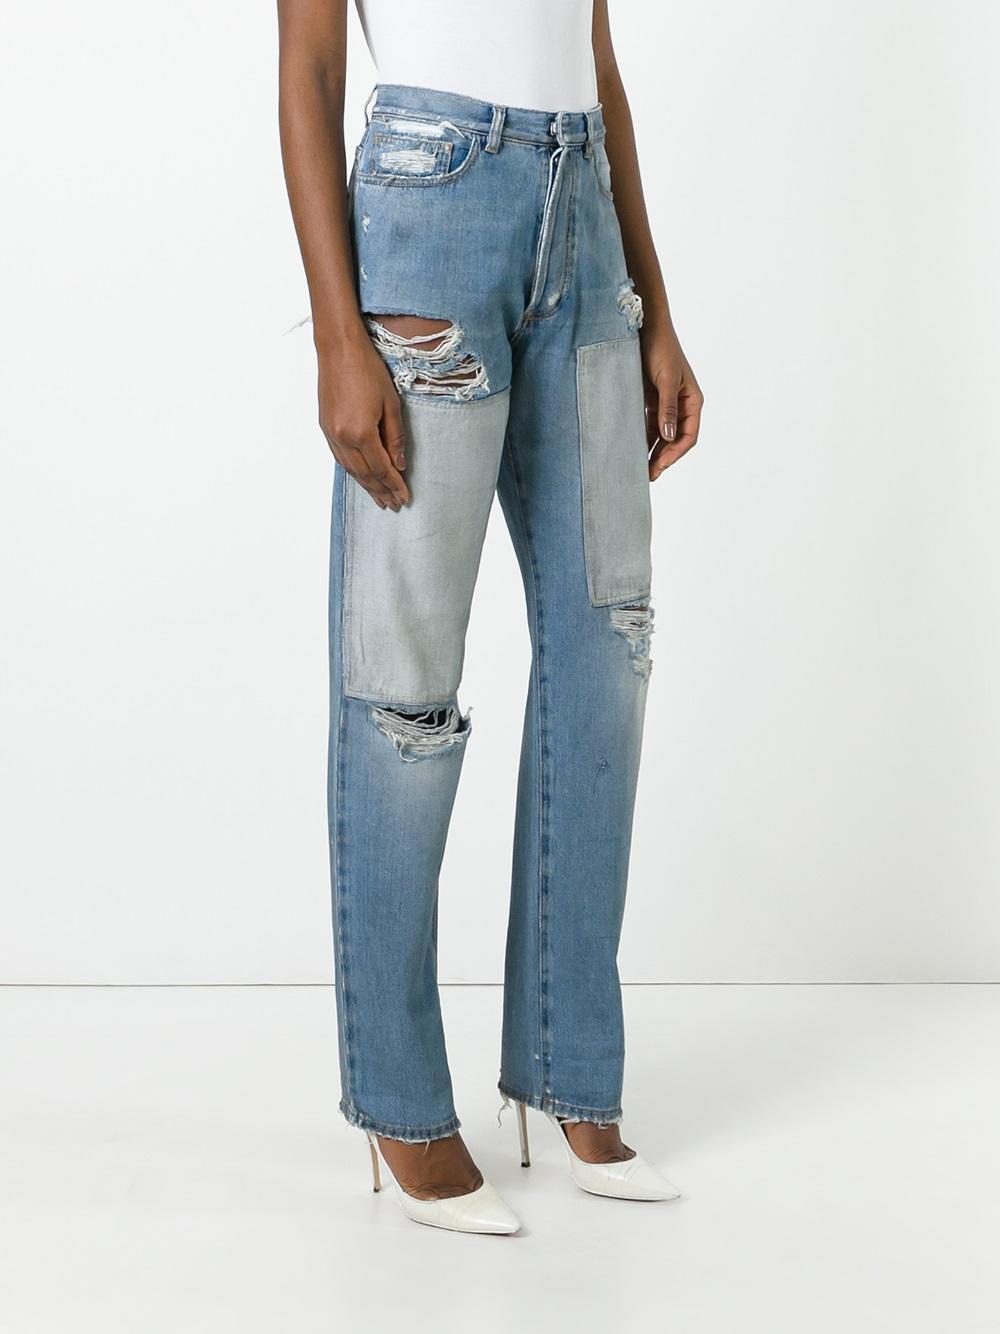 Faith Connexion Denim Ripped Boyfriend Jeans in Blue